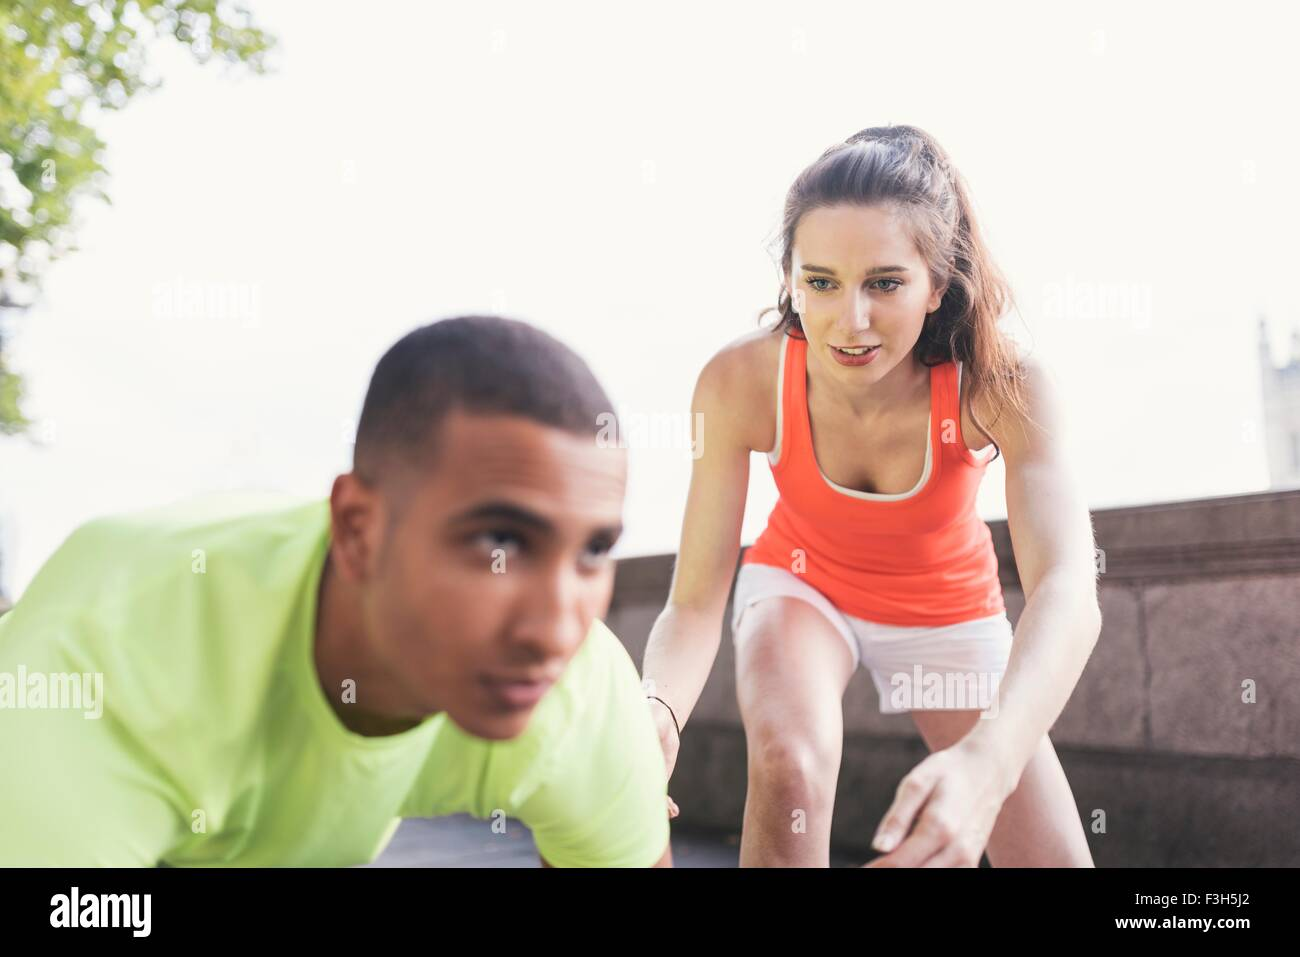 Les jeunes femmes pratiquant formateur commence par coureur mâle Photo Stock